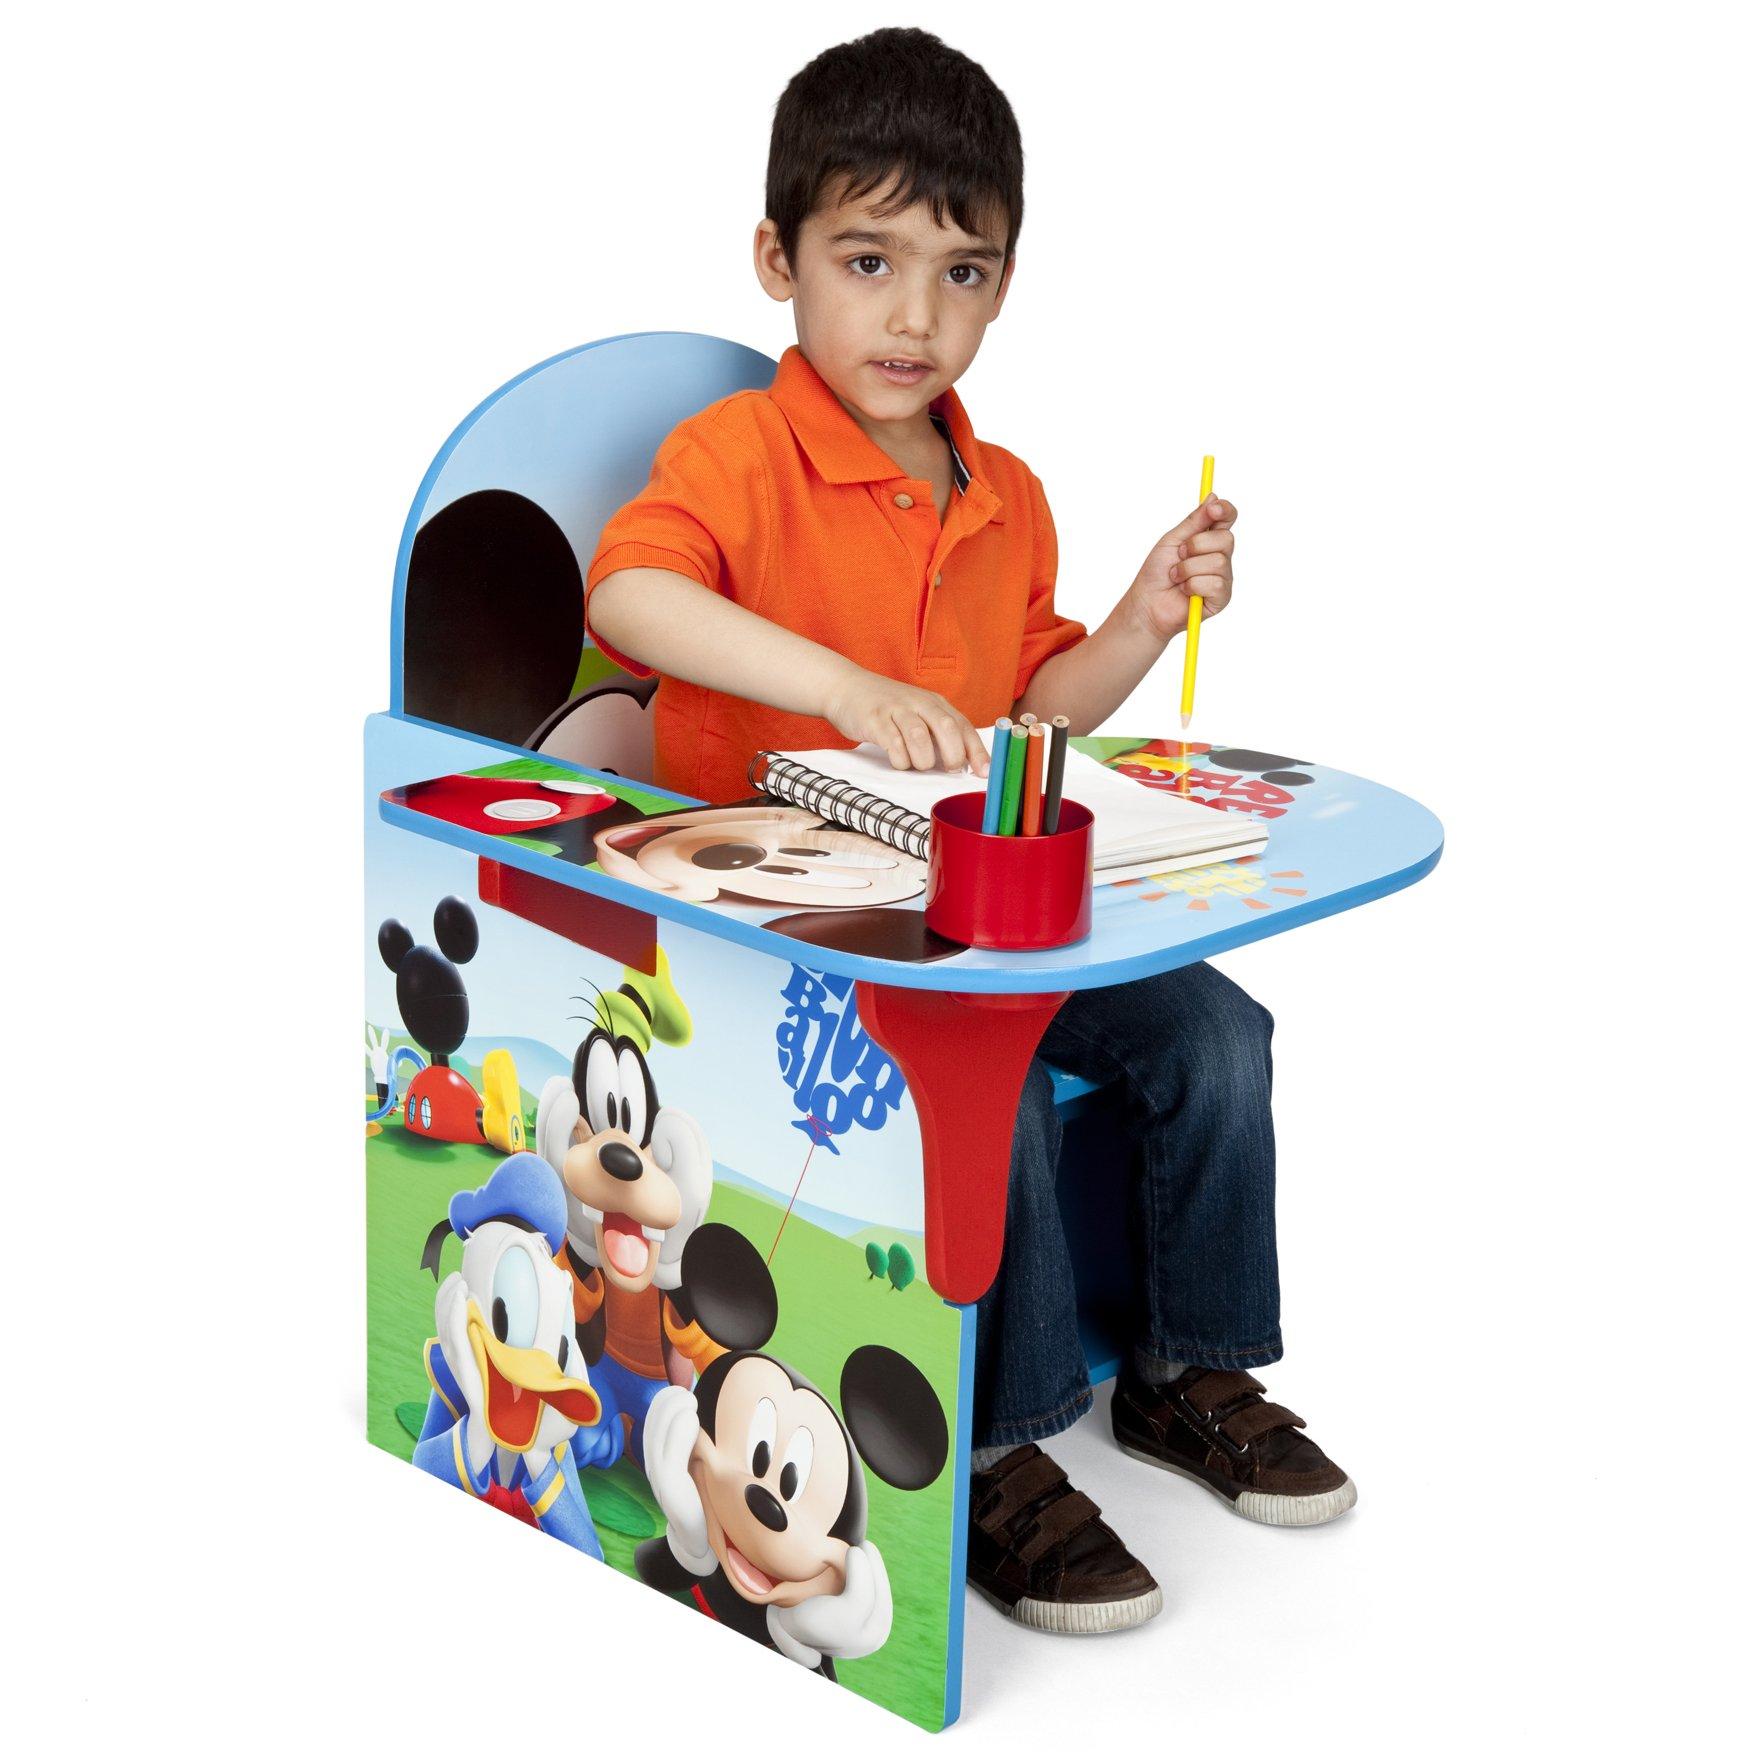 Delta Children Chair Desk With Storage Bin, Disney Mickey Mouse by Delta Children (Image #2)